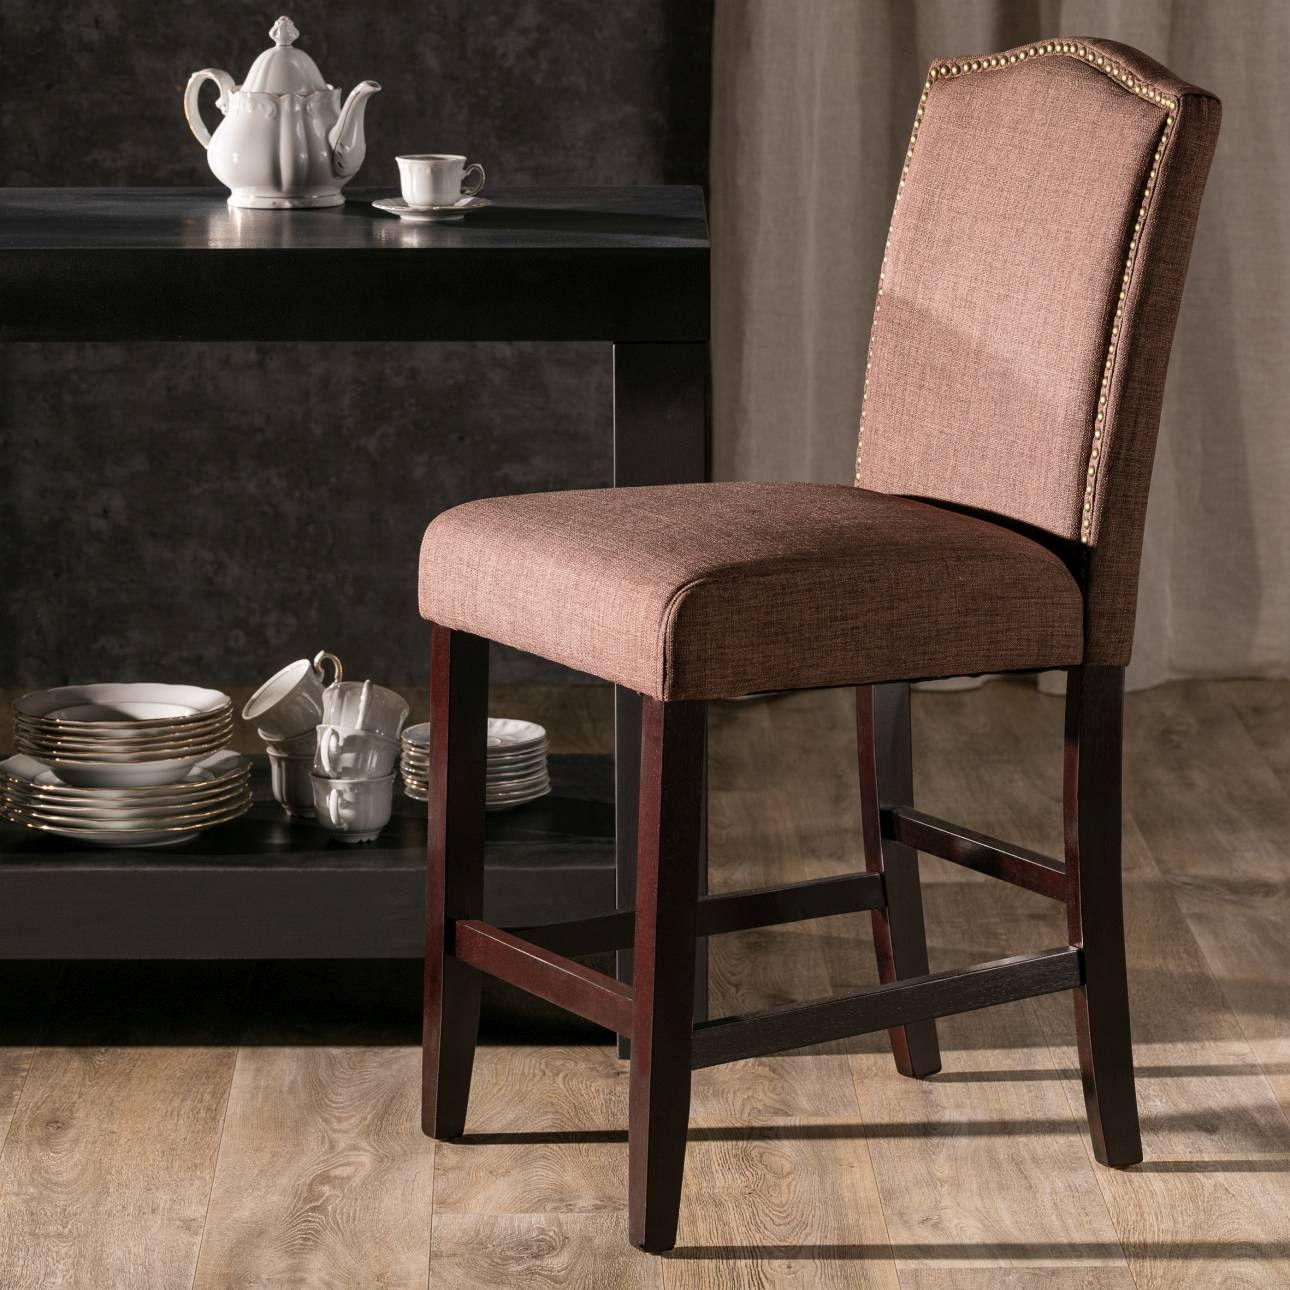 Dunkles Holz Und Hochwertiger #Stoff Machen Diesen Schlichten Stuhl Zum  Hingucker Im #Wohnzimmer